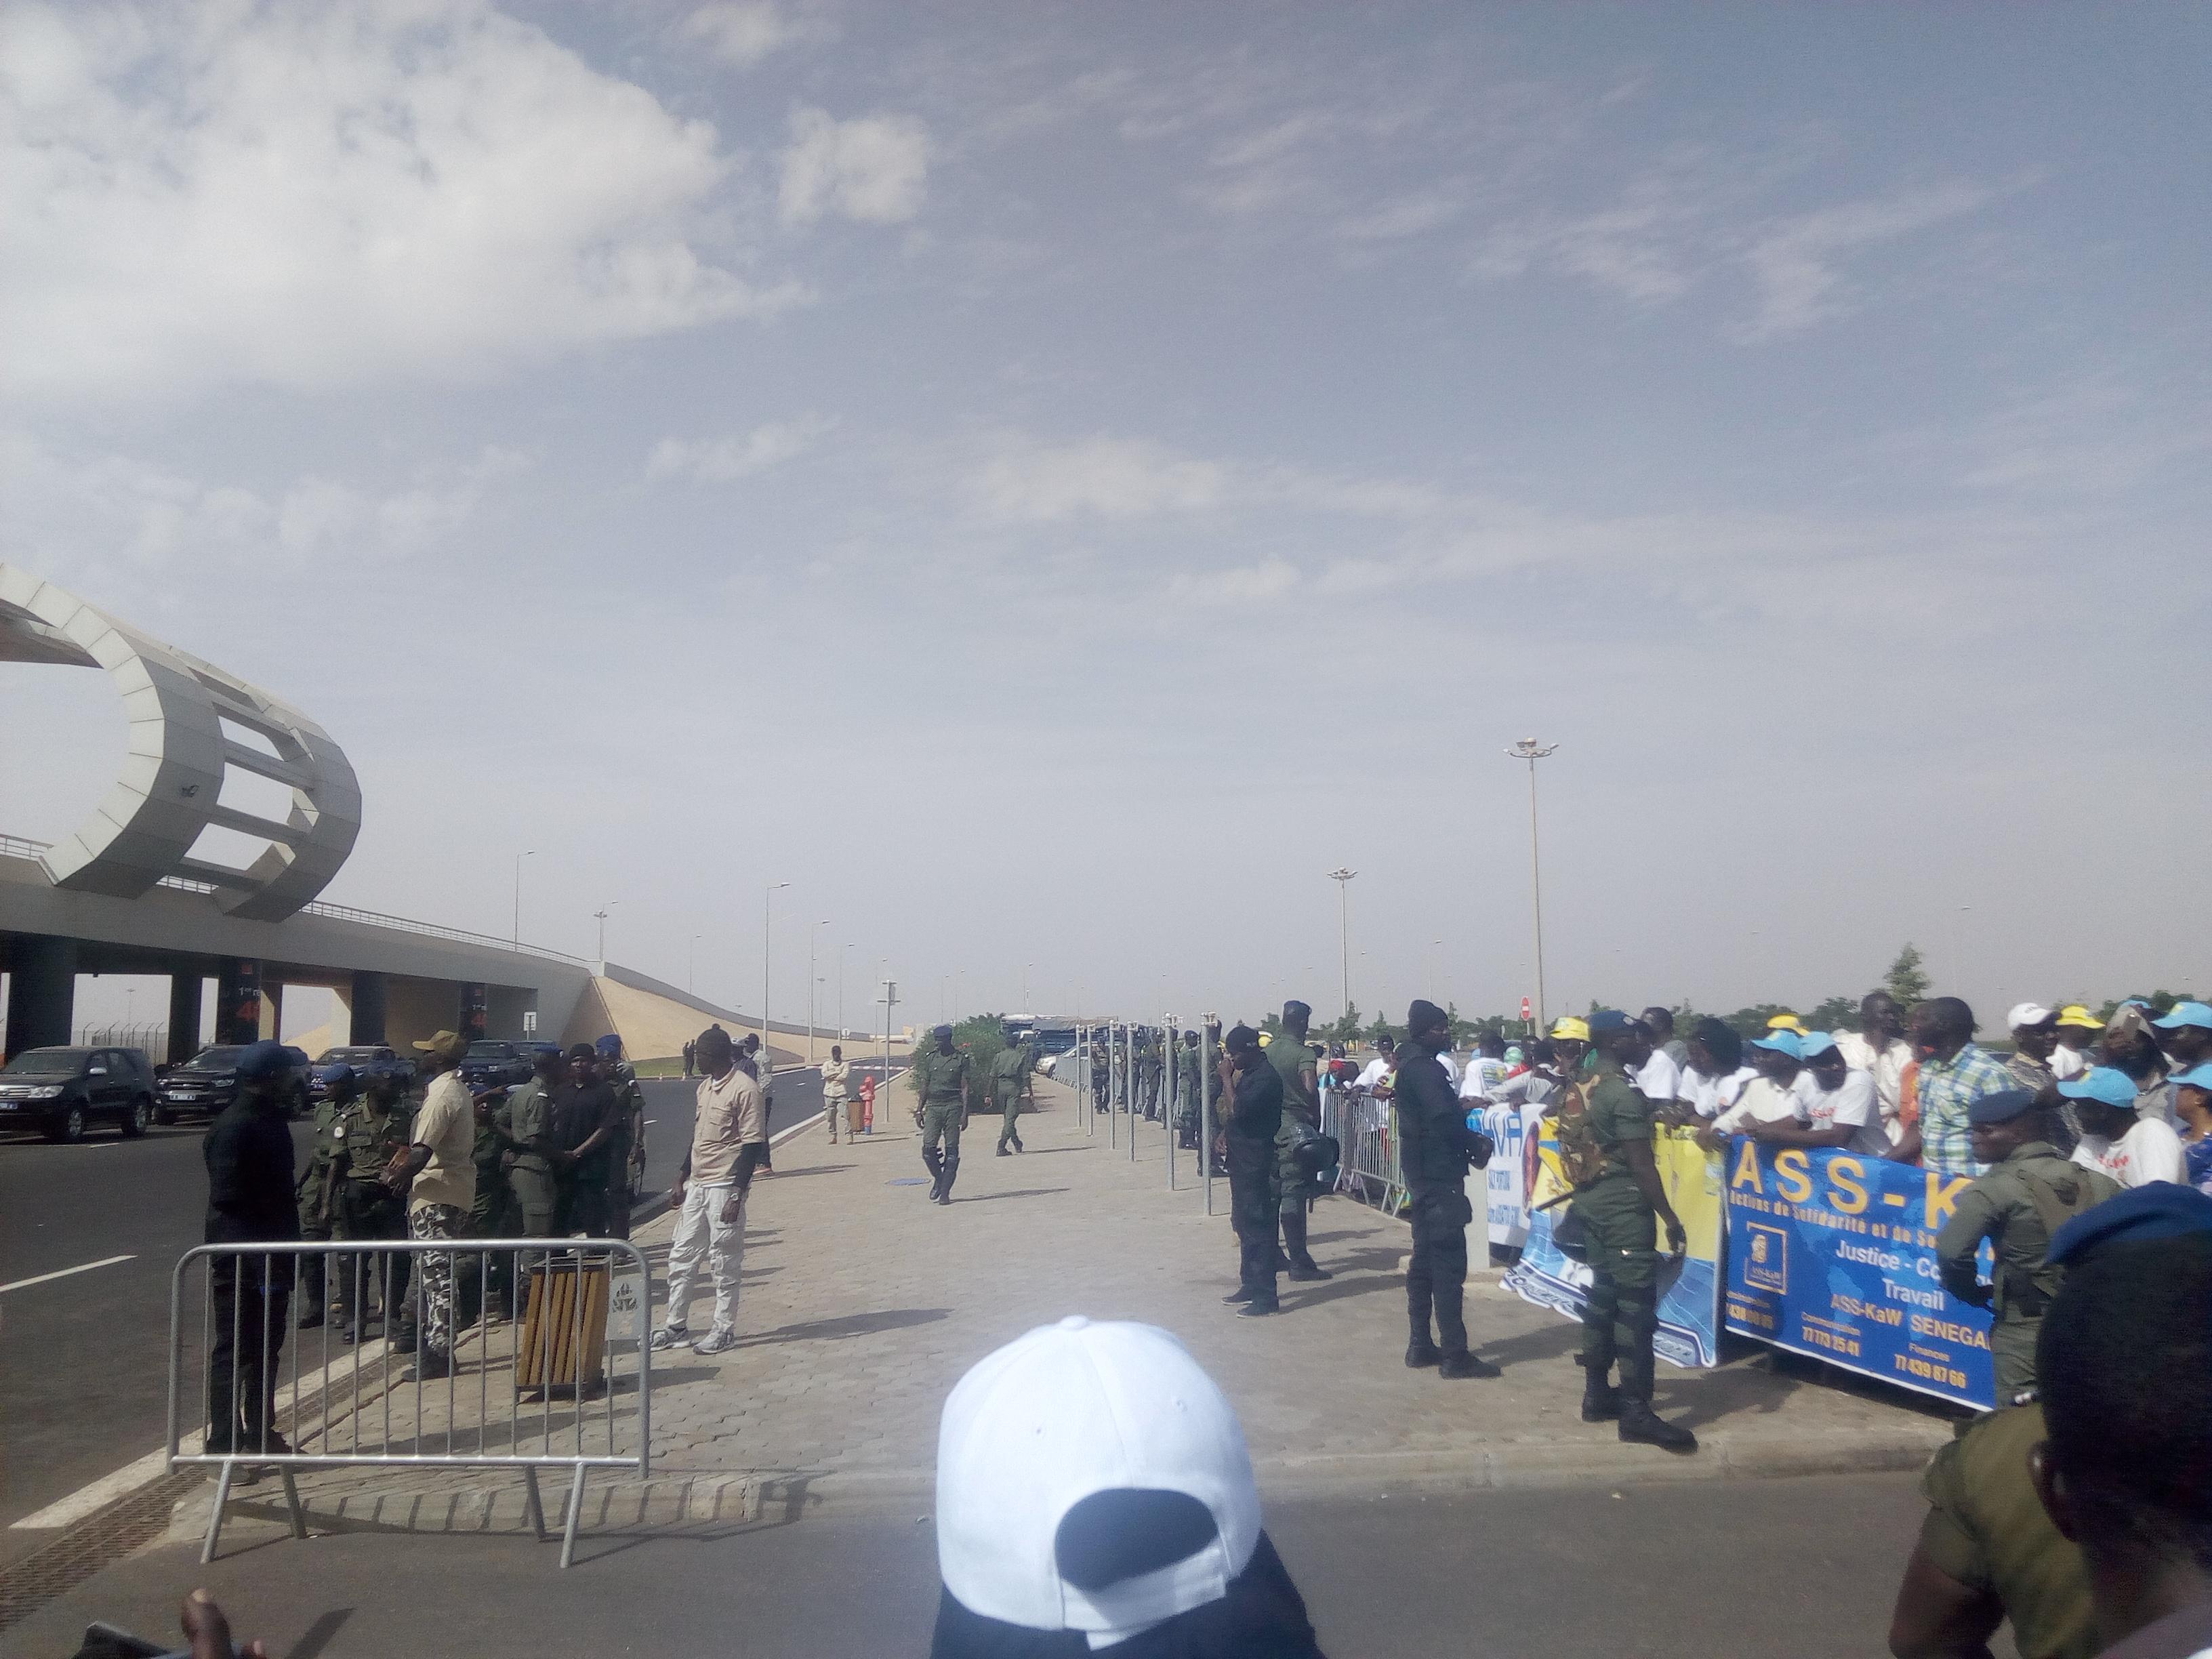 AIBD : de l'électricité dans l'air/ Les militants libéraux face à des gendarmes armés jusqu'aux dents